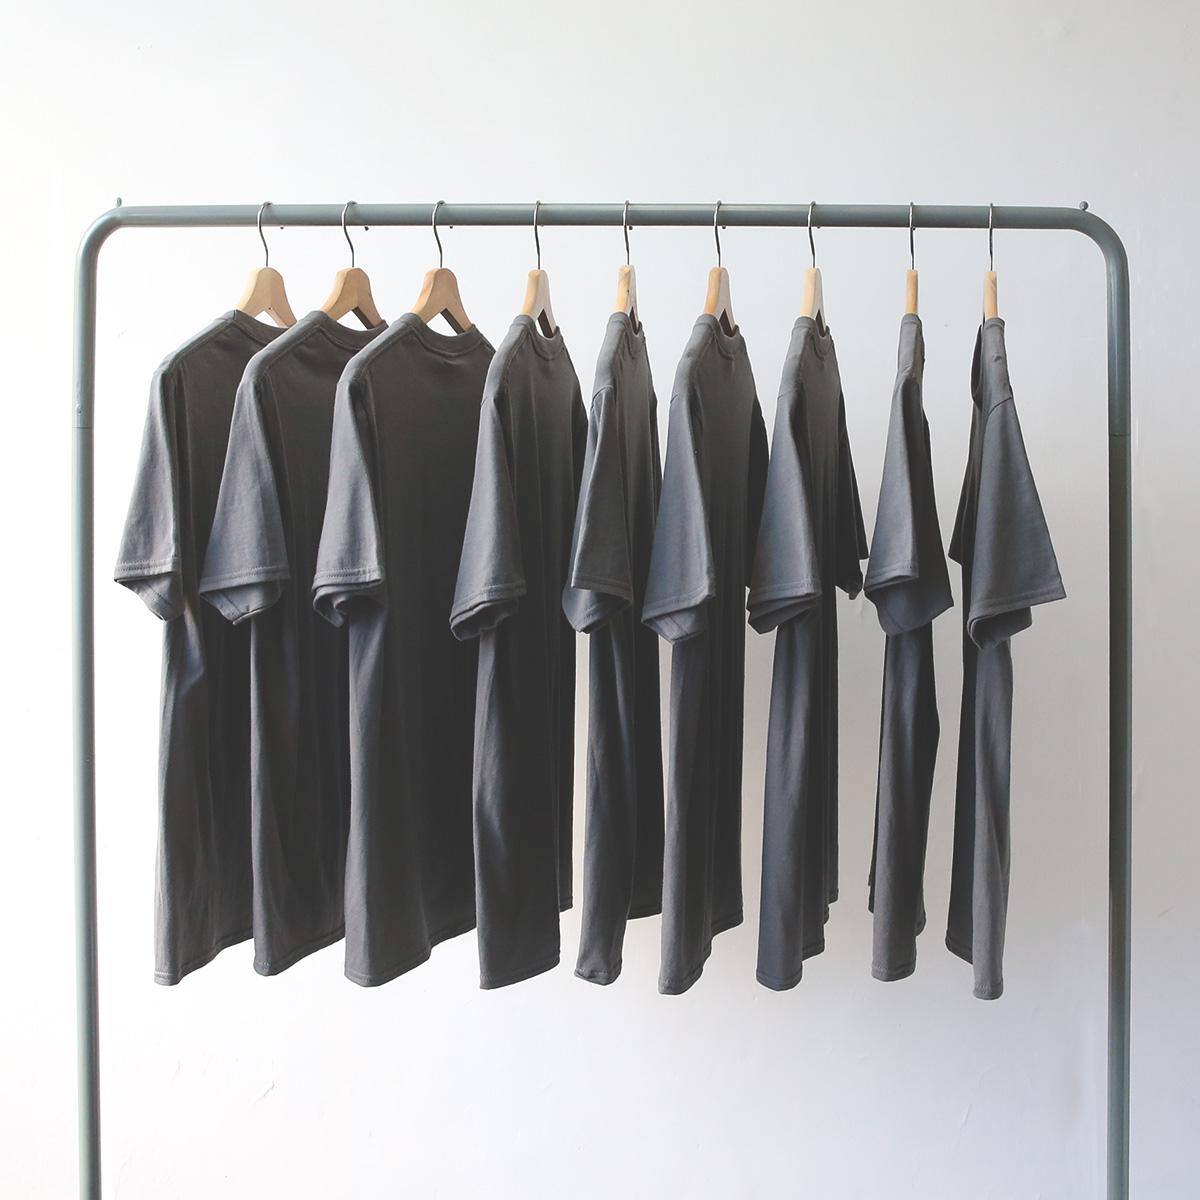 夏季 百搭纯棉纯色简约 深灰色 炭灰色短袖t恤男 女 宽松情侣bf风